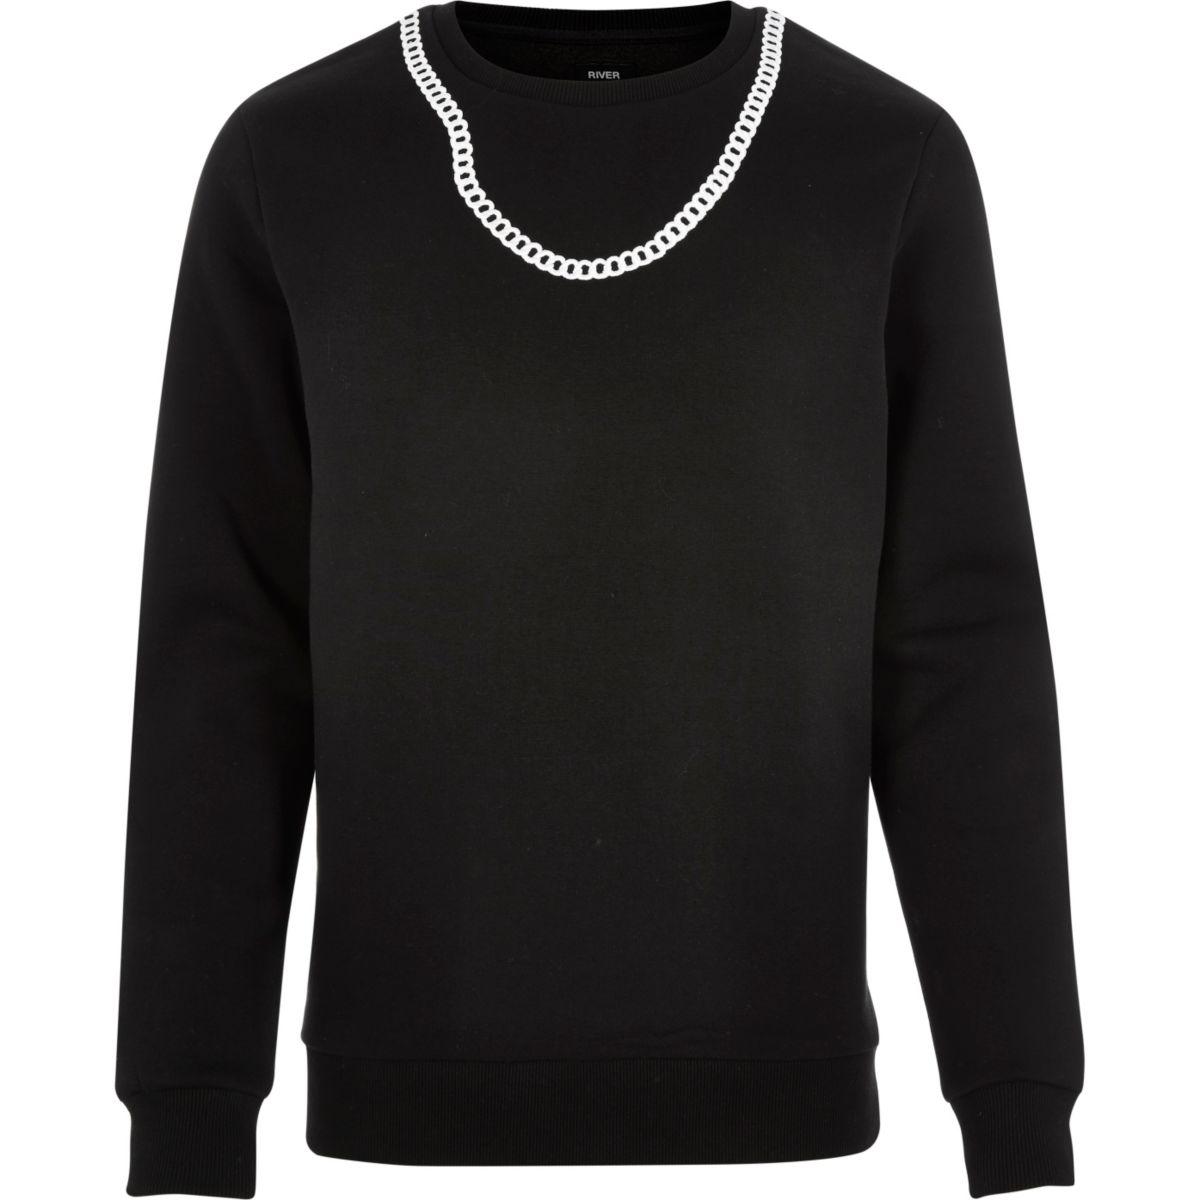 Zwart Christopher Shannon sweatshirt met ketting